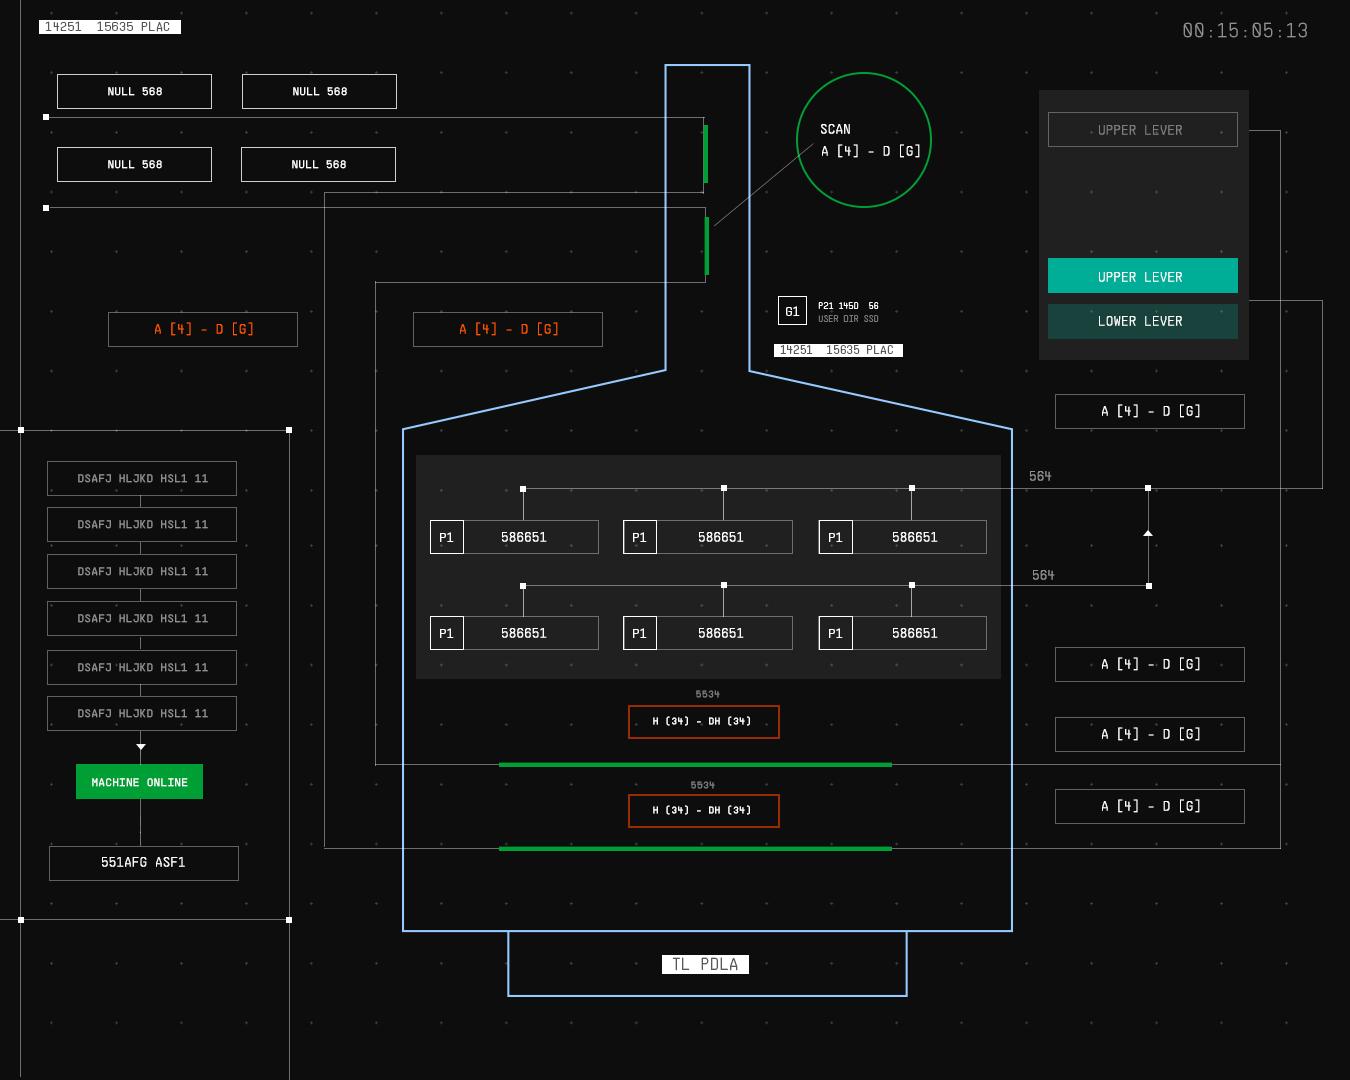 screen_UI_v02.jpg